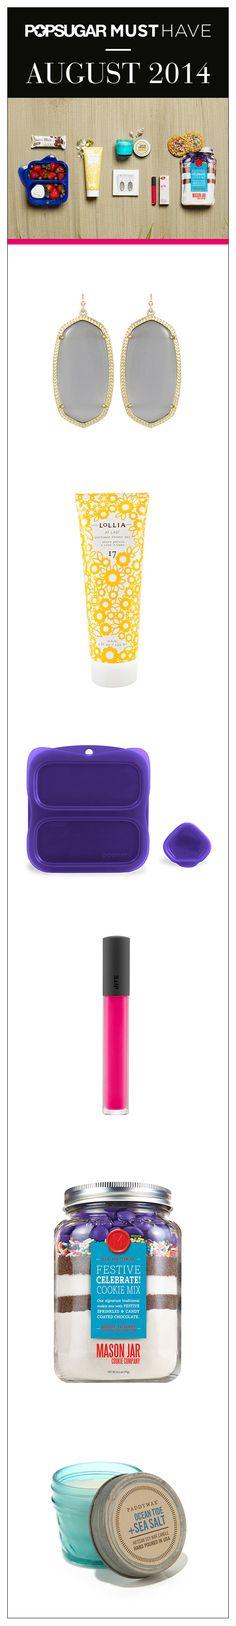 POPSUGAR Must Have Box — August 2014.